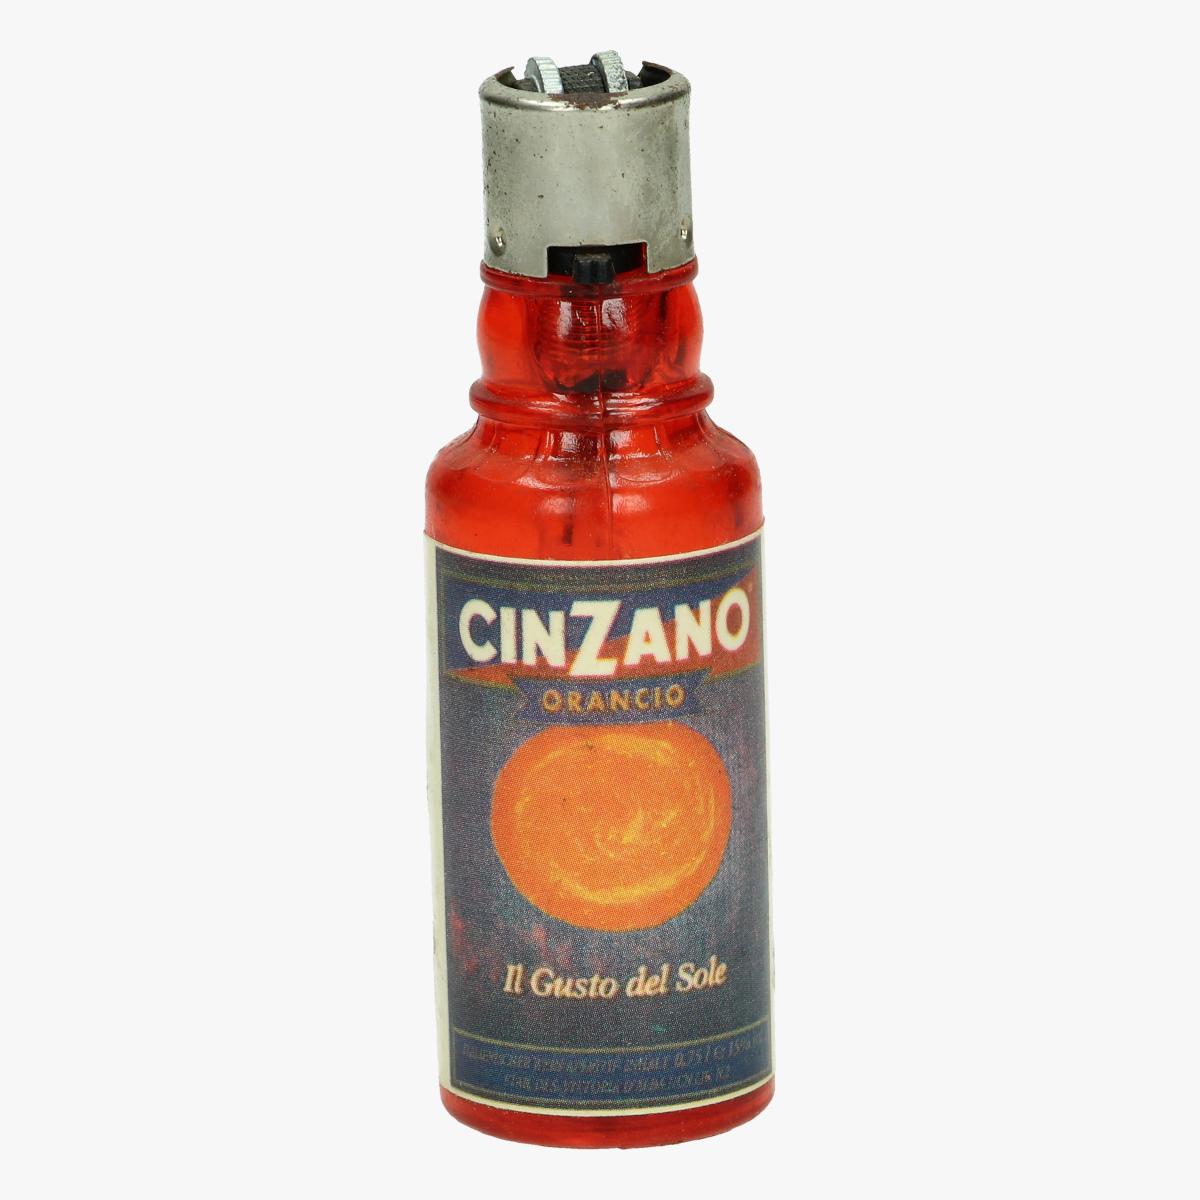 Afbeeldingen van aansteker flesje cinzano